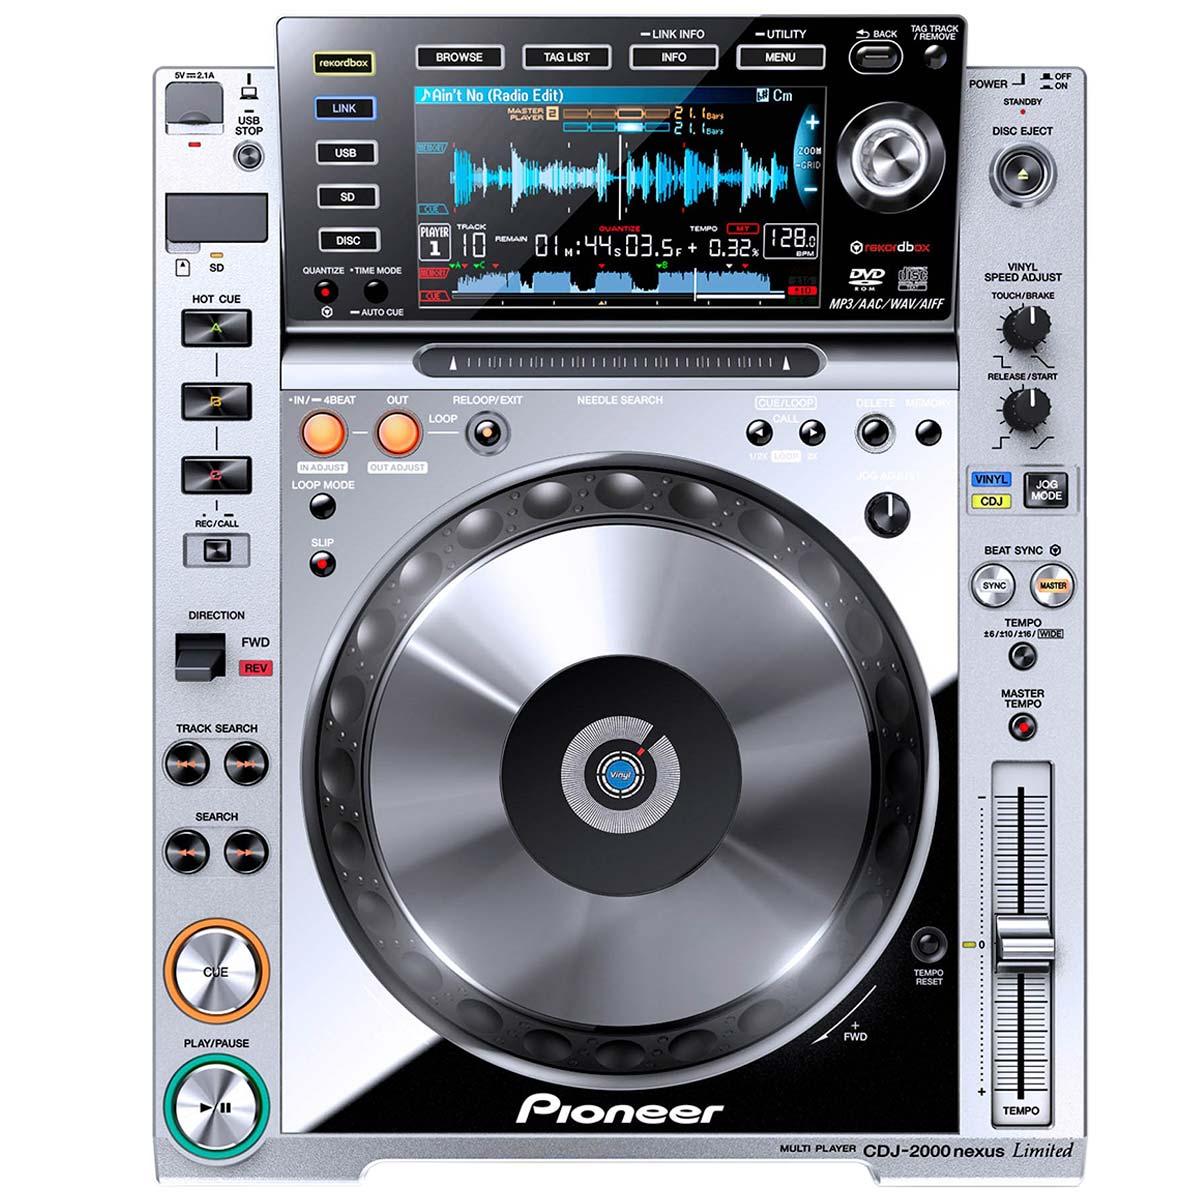 CDJ2000NXS -  CDJ Player c/ USB CDJ 2000 NXS Prata - Pioneer